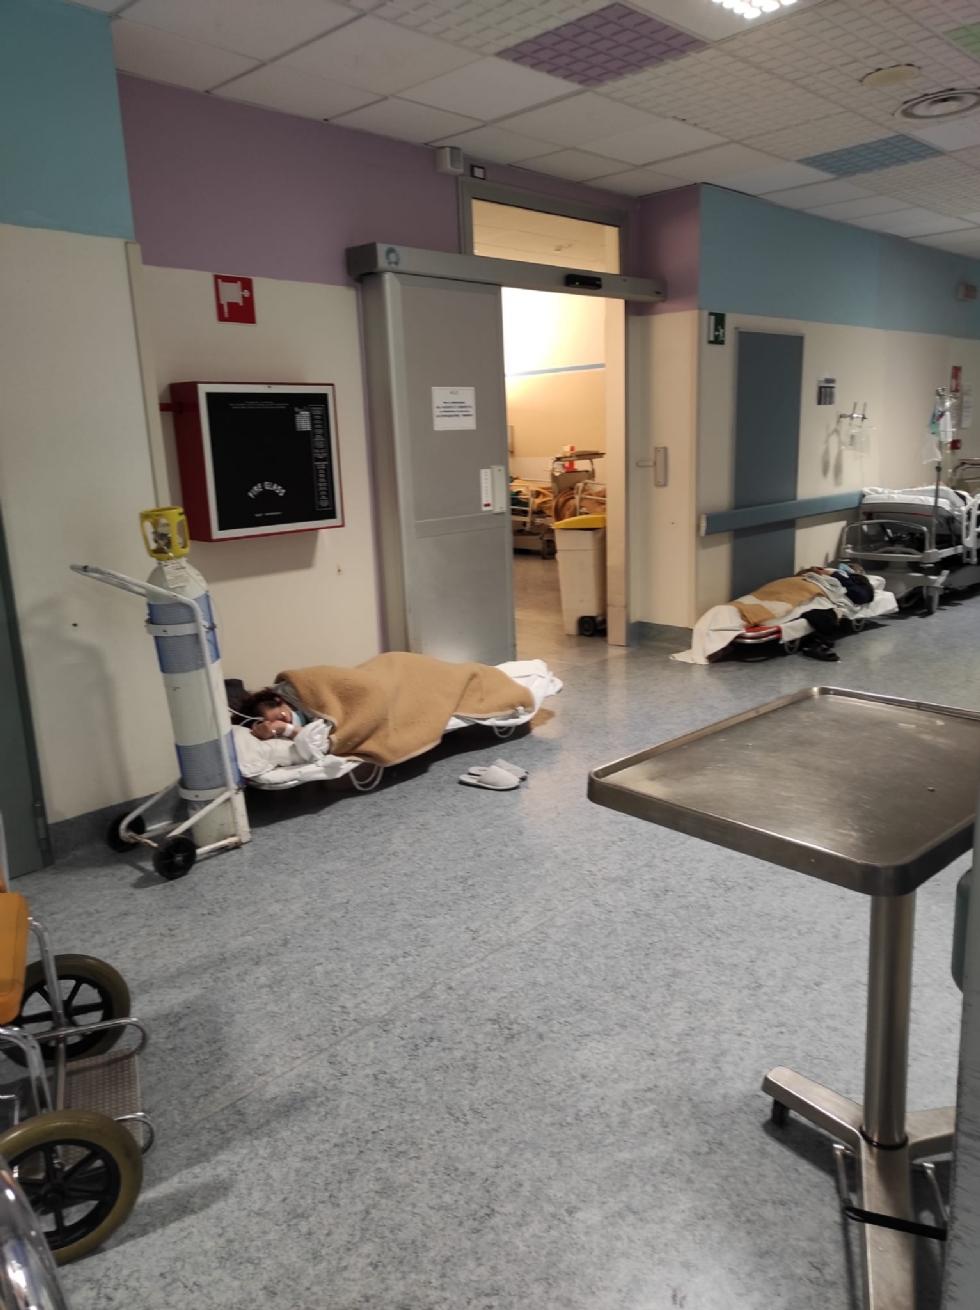 RIVOLI - Accossato e Grimaldi: «Pazienti per terra segno del collasso sanitario piemontese»